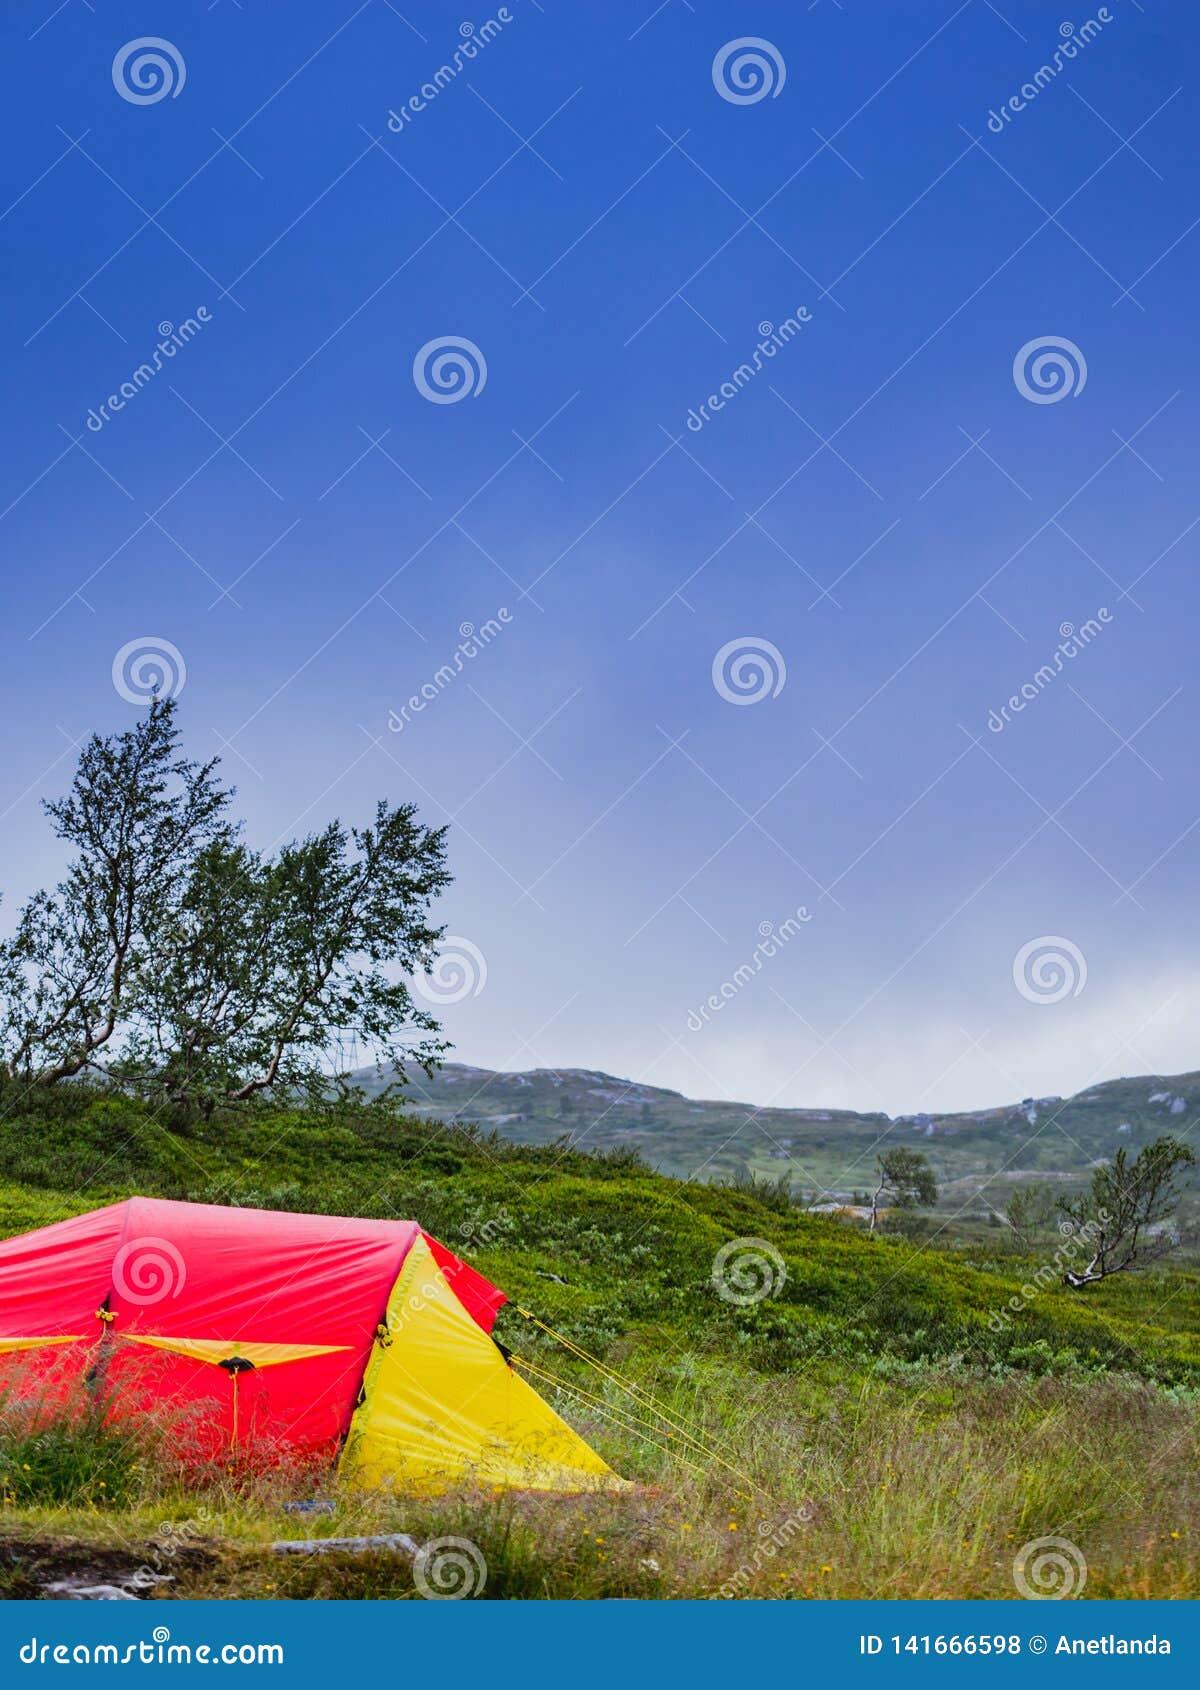 Rode tent op aard camping